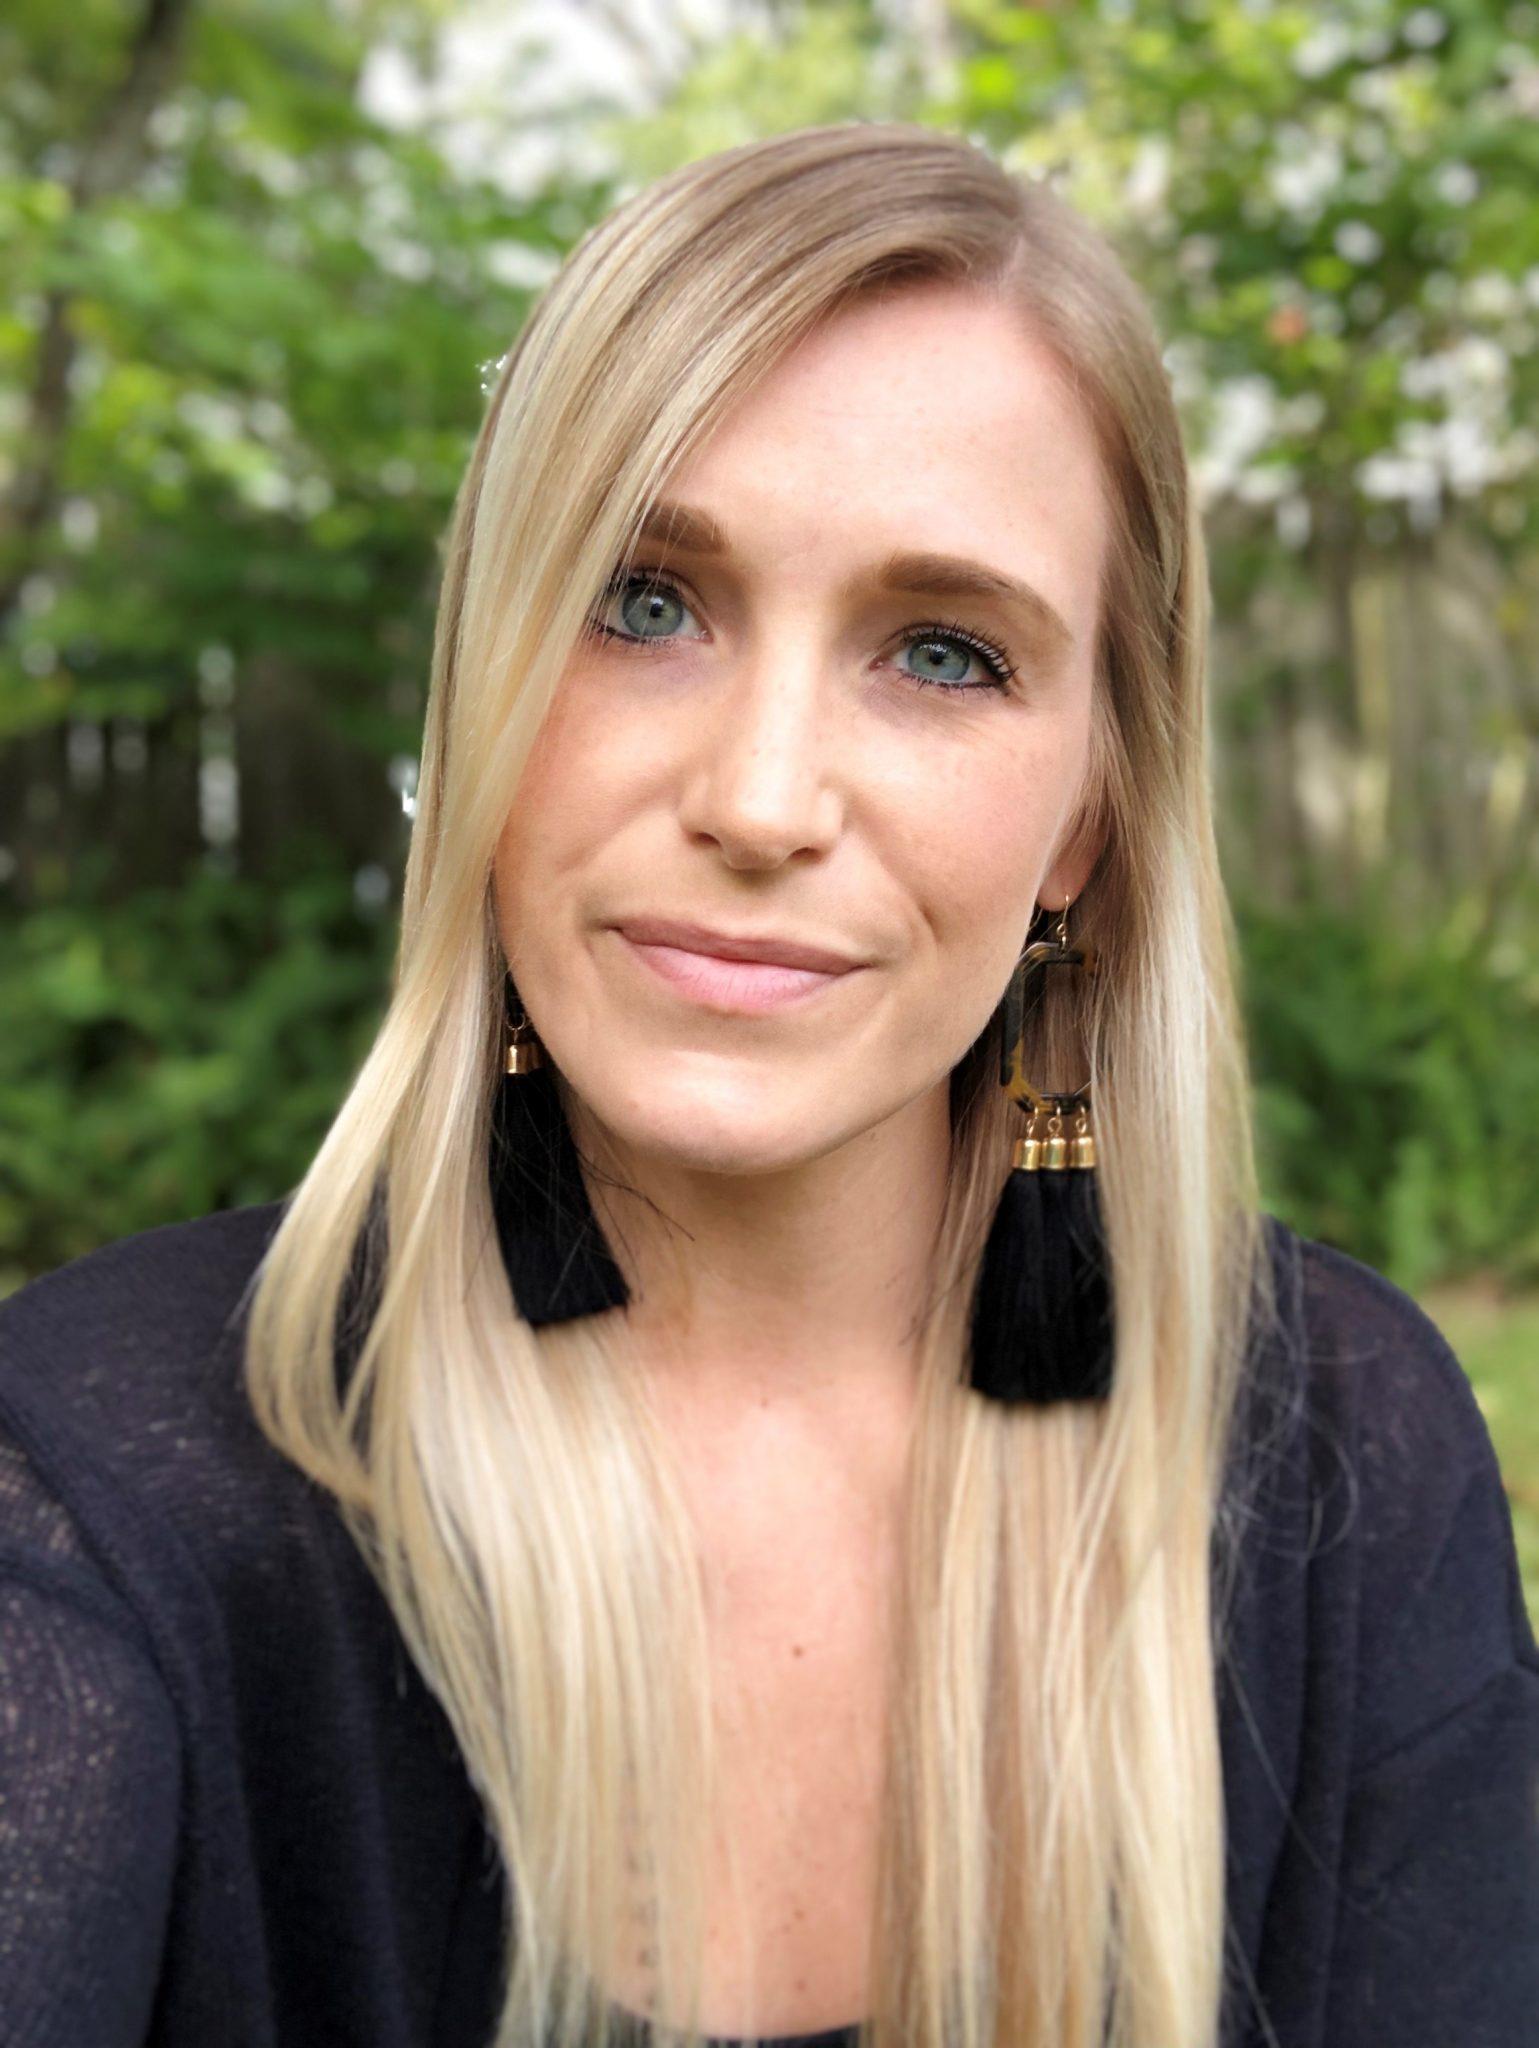 Nicole Houser